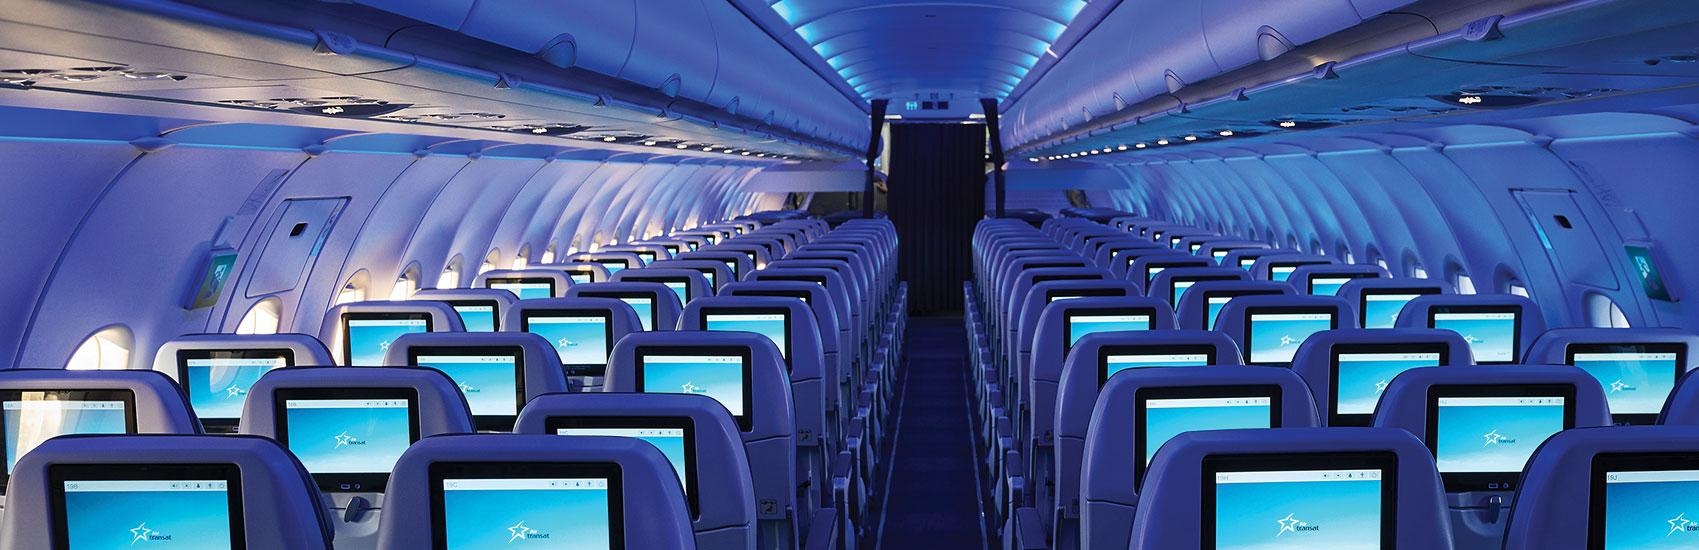 Air Transat New Airbus A321neoLR 0